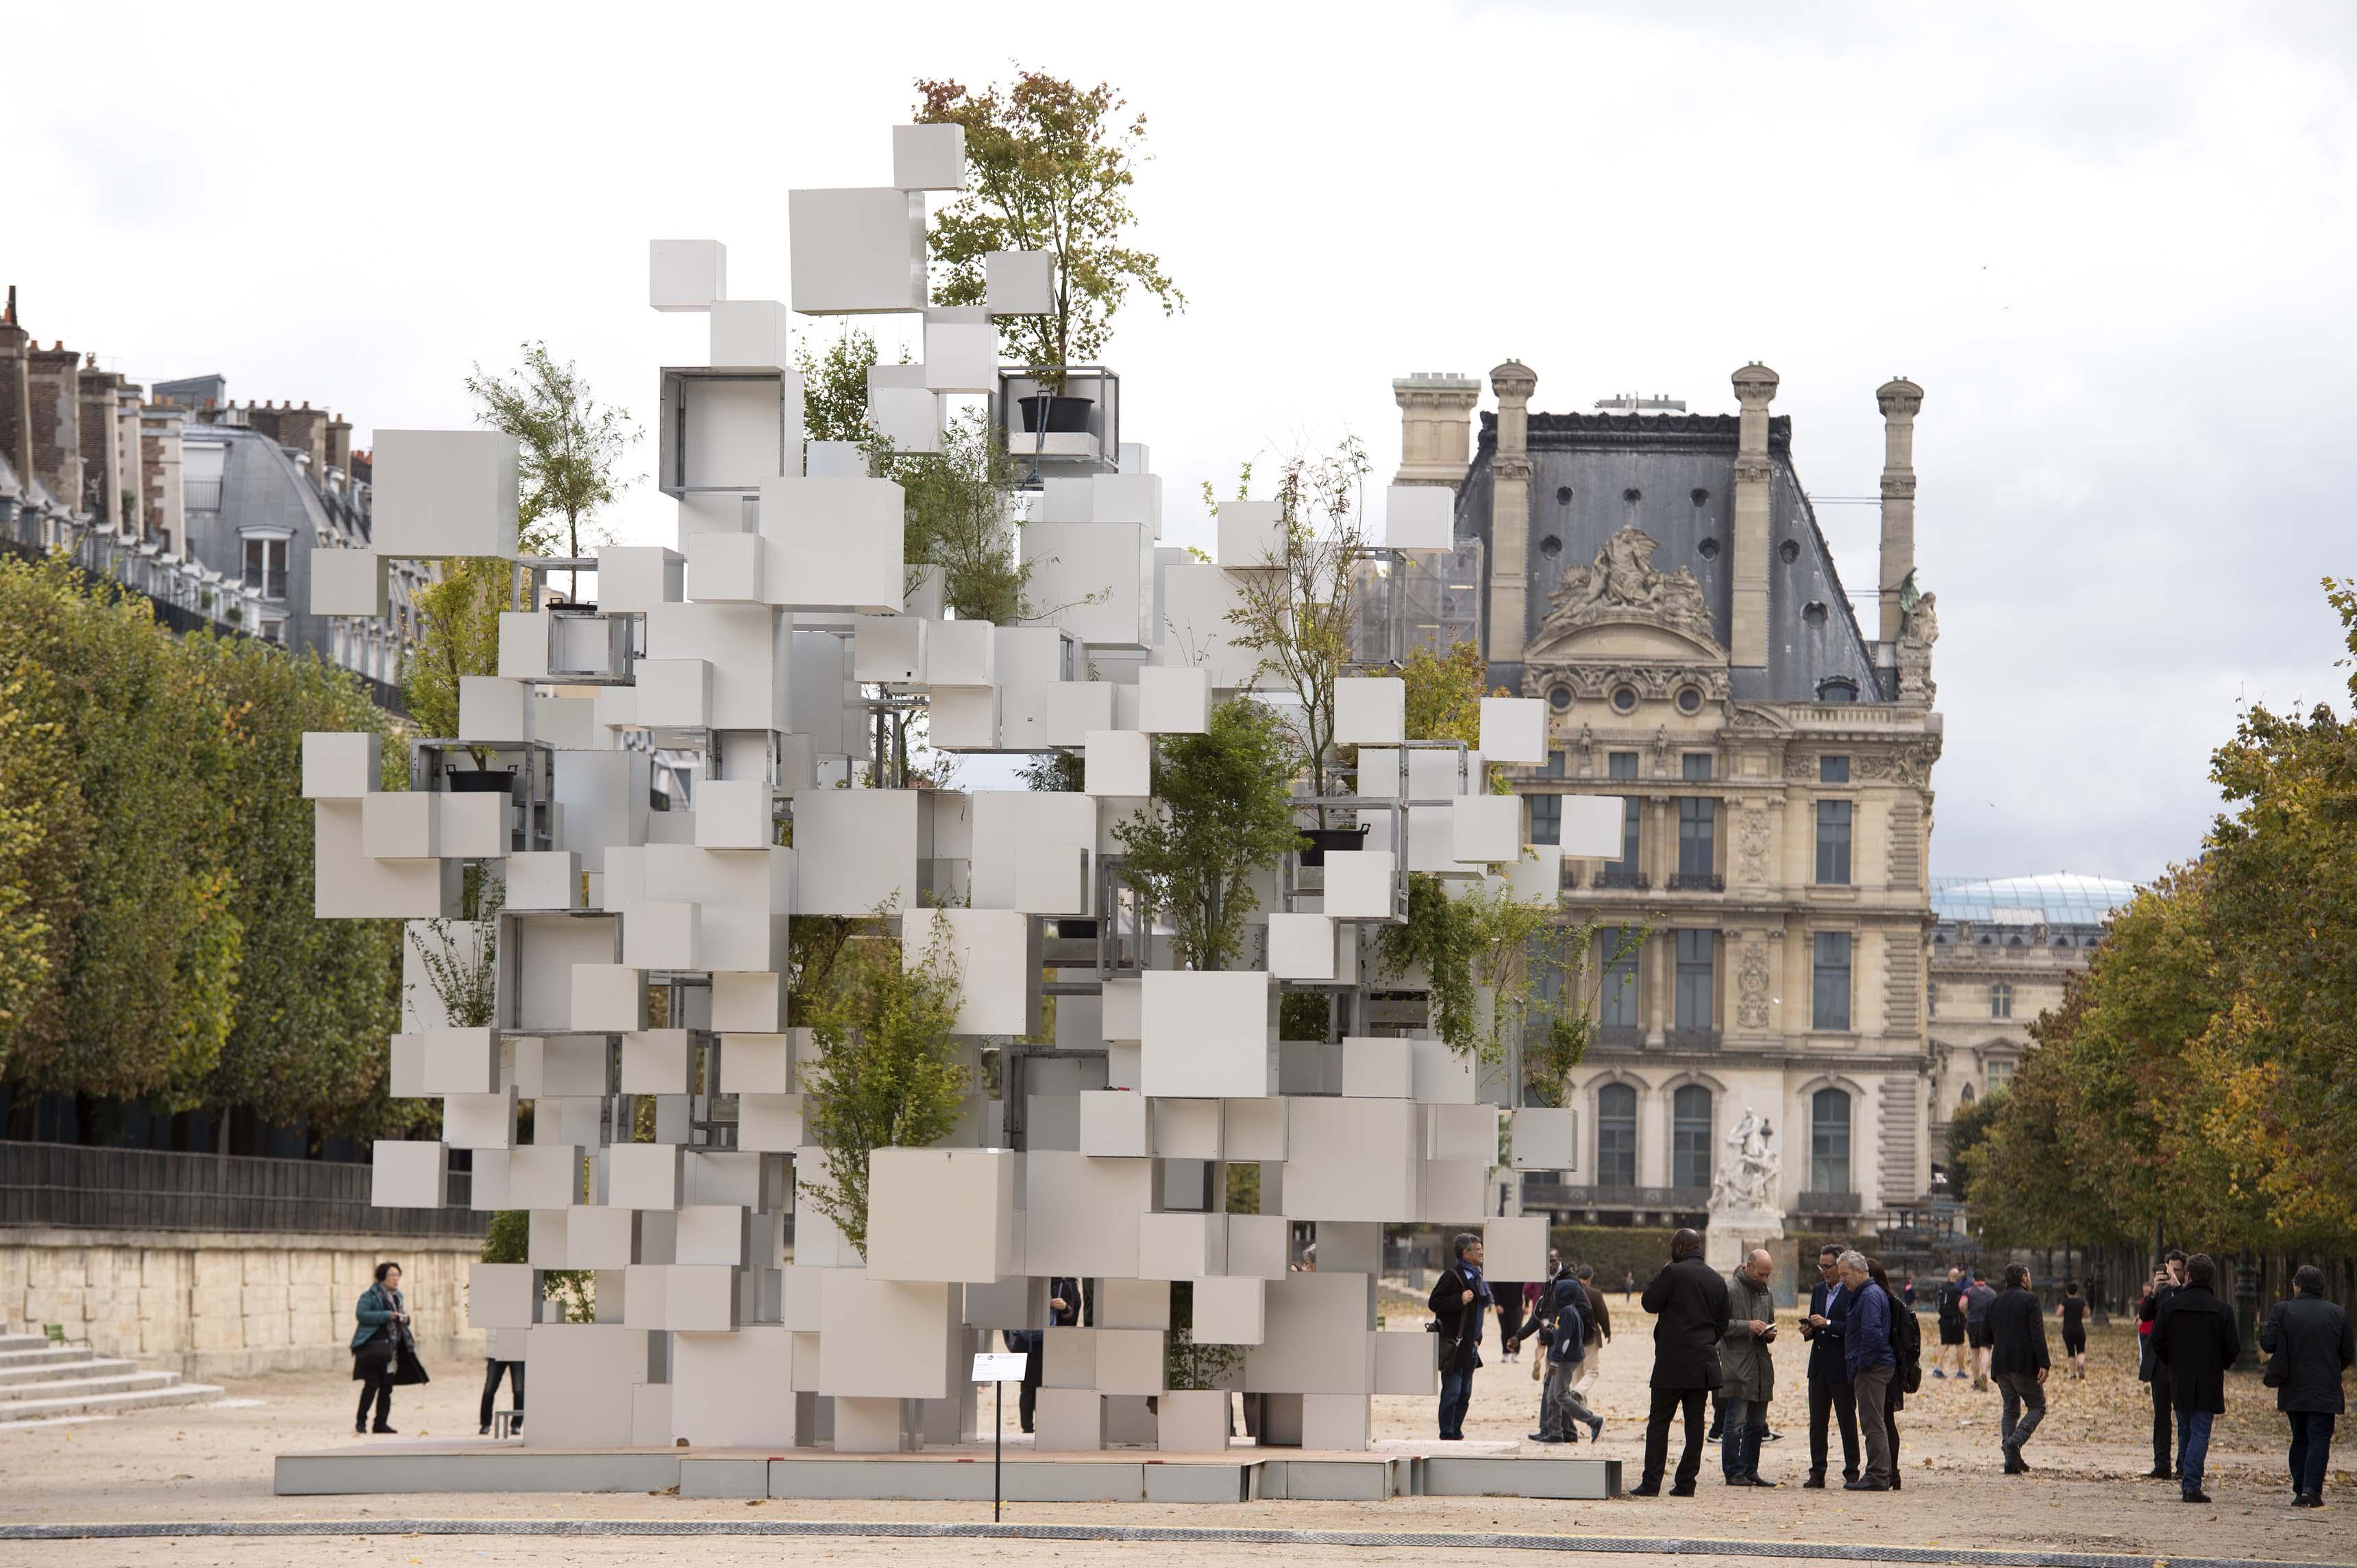 l 39 architecture japonaise s 39 expose paris avec le pavillon de l 39 arsenal. Black Bedroom Furniture Sets. Home Design Ideas